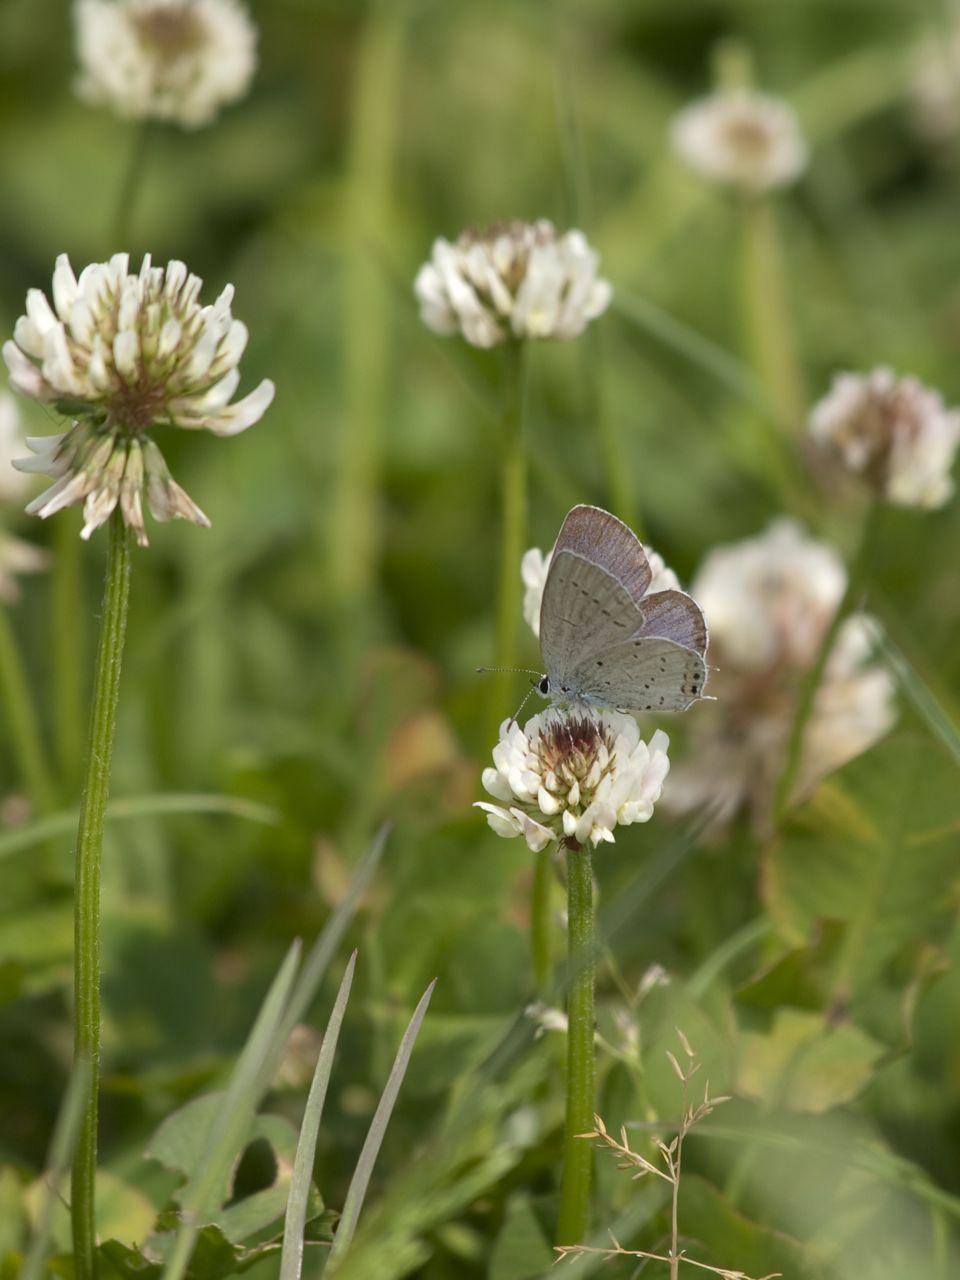 白詰草にもハチやチョウがいた_b0148762_21311432.jpg